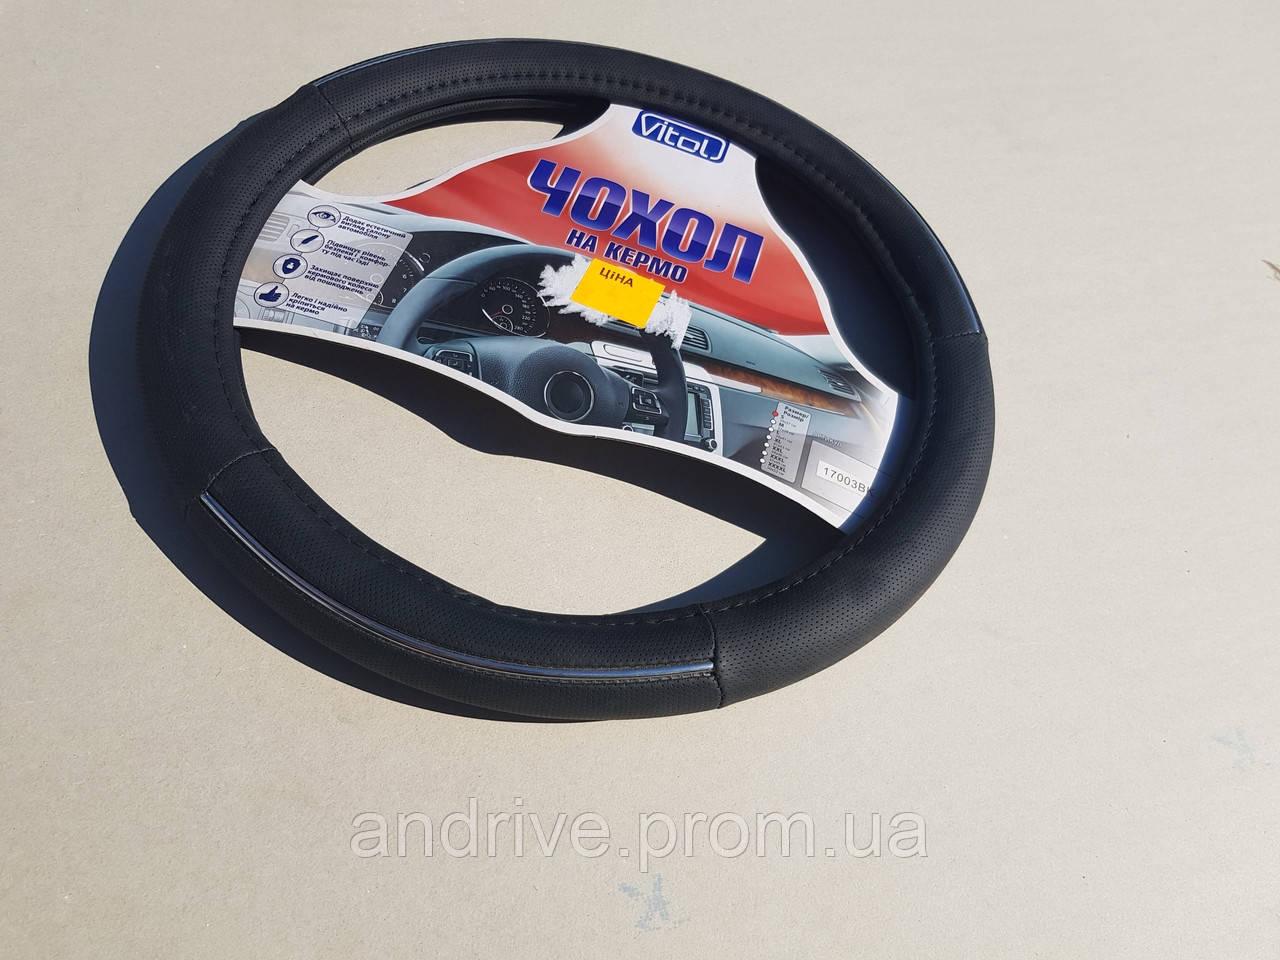 Чохол на кермо Vitol чорний L (39-40 см)